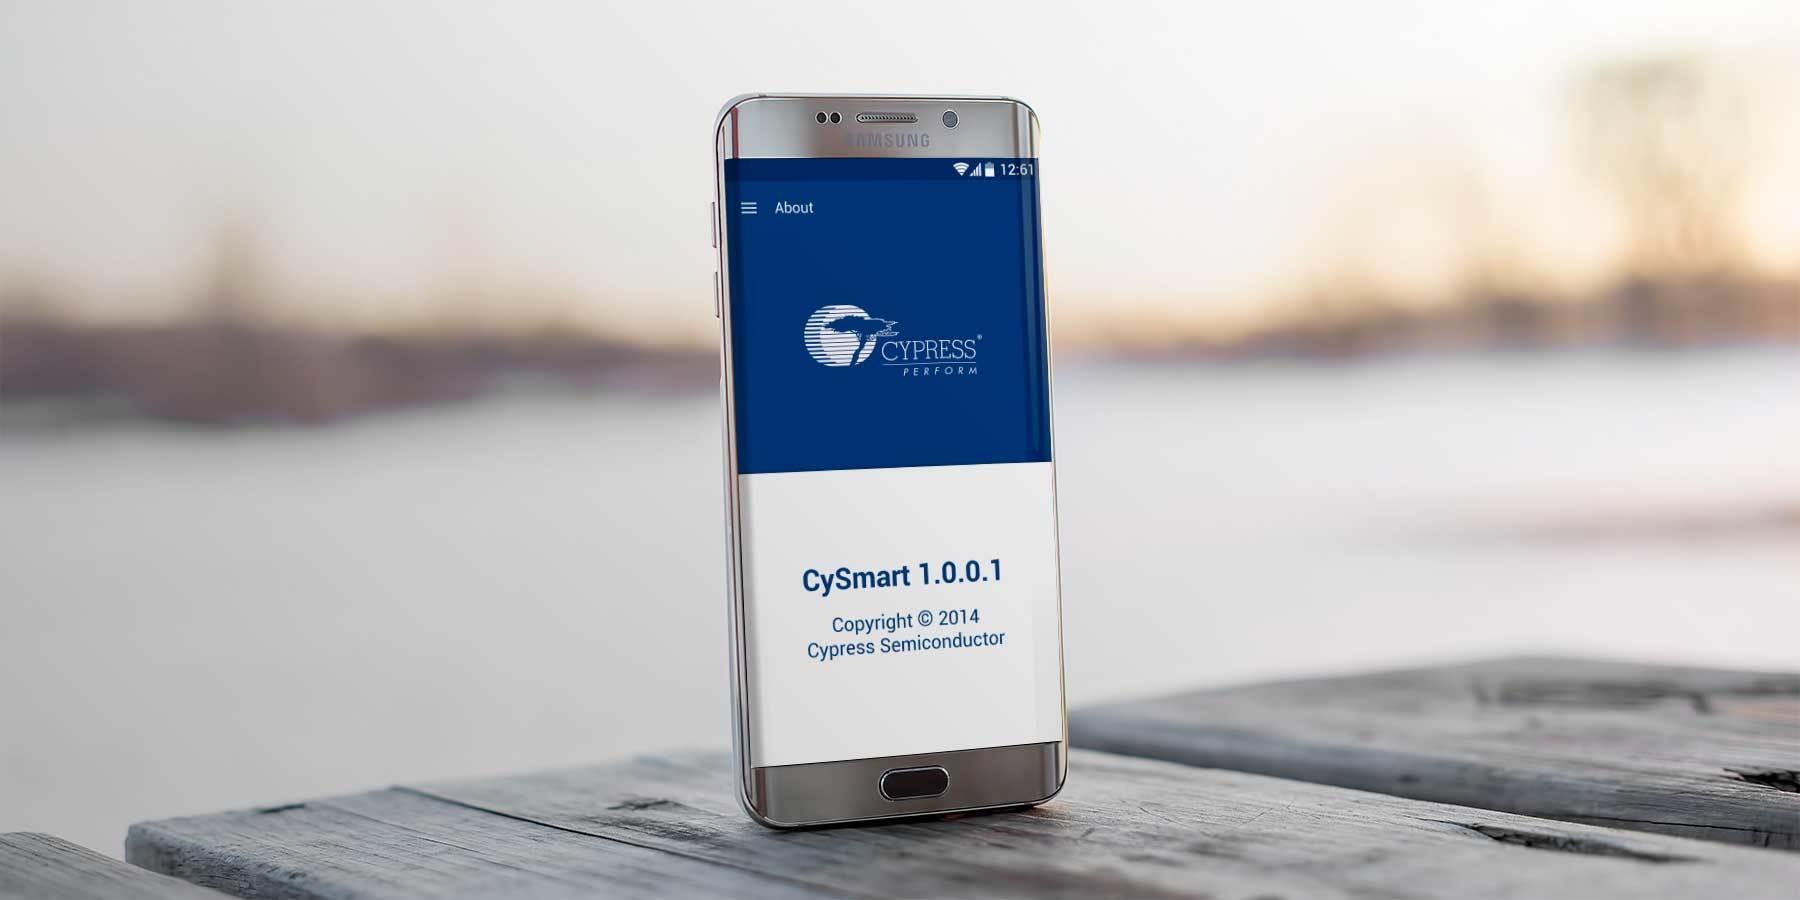 case study - cysmart